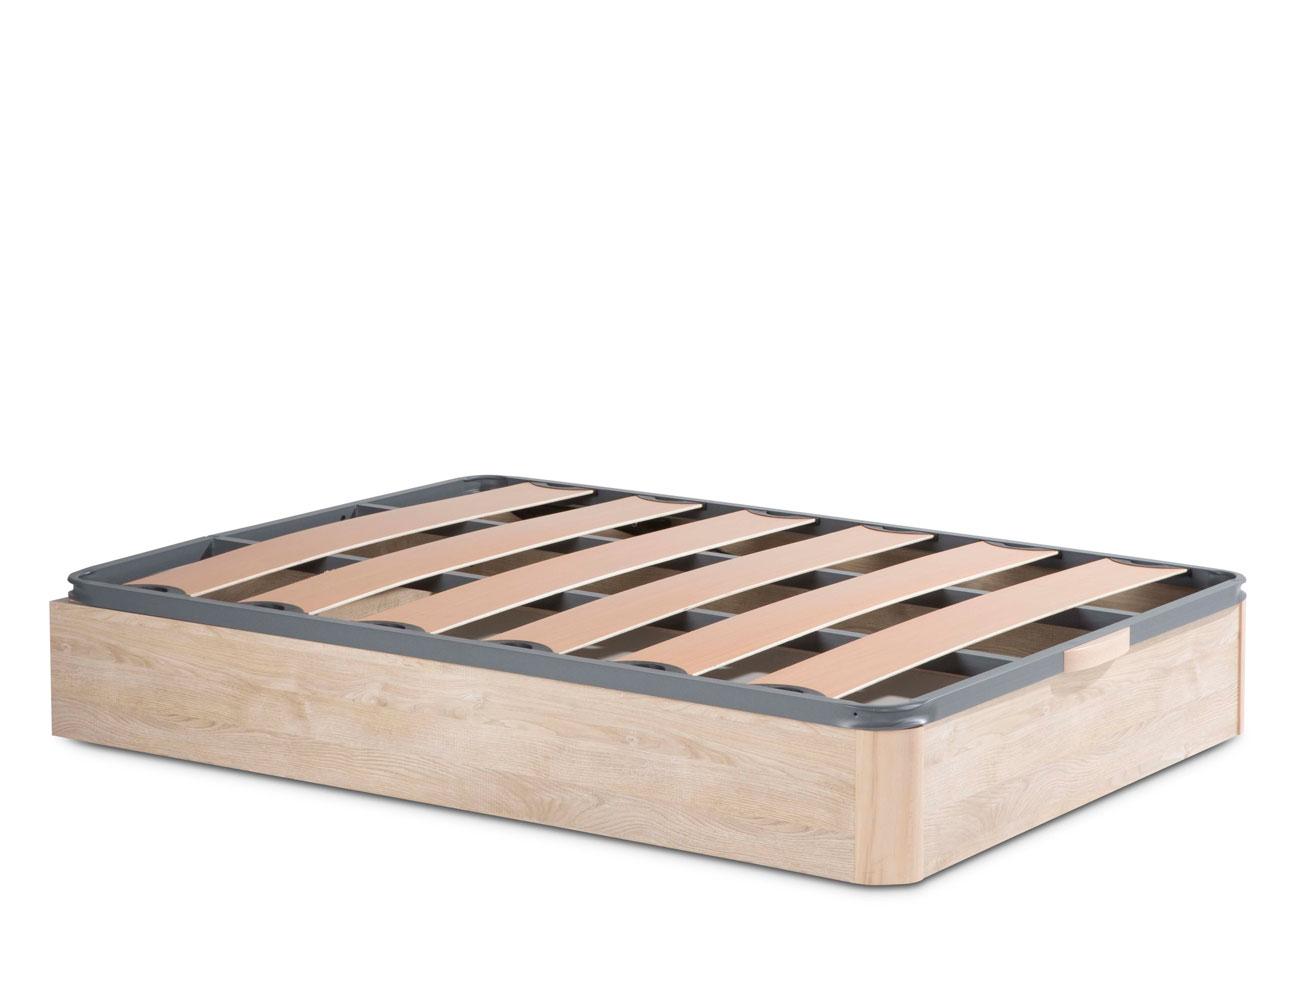 Canape madera somier laminas pvc 7813